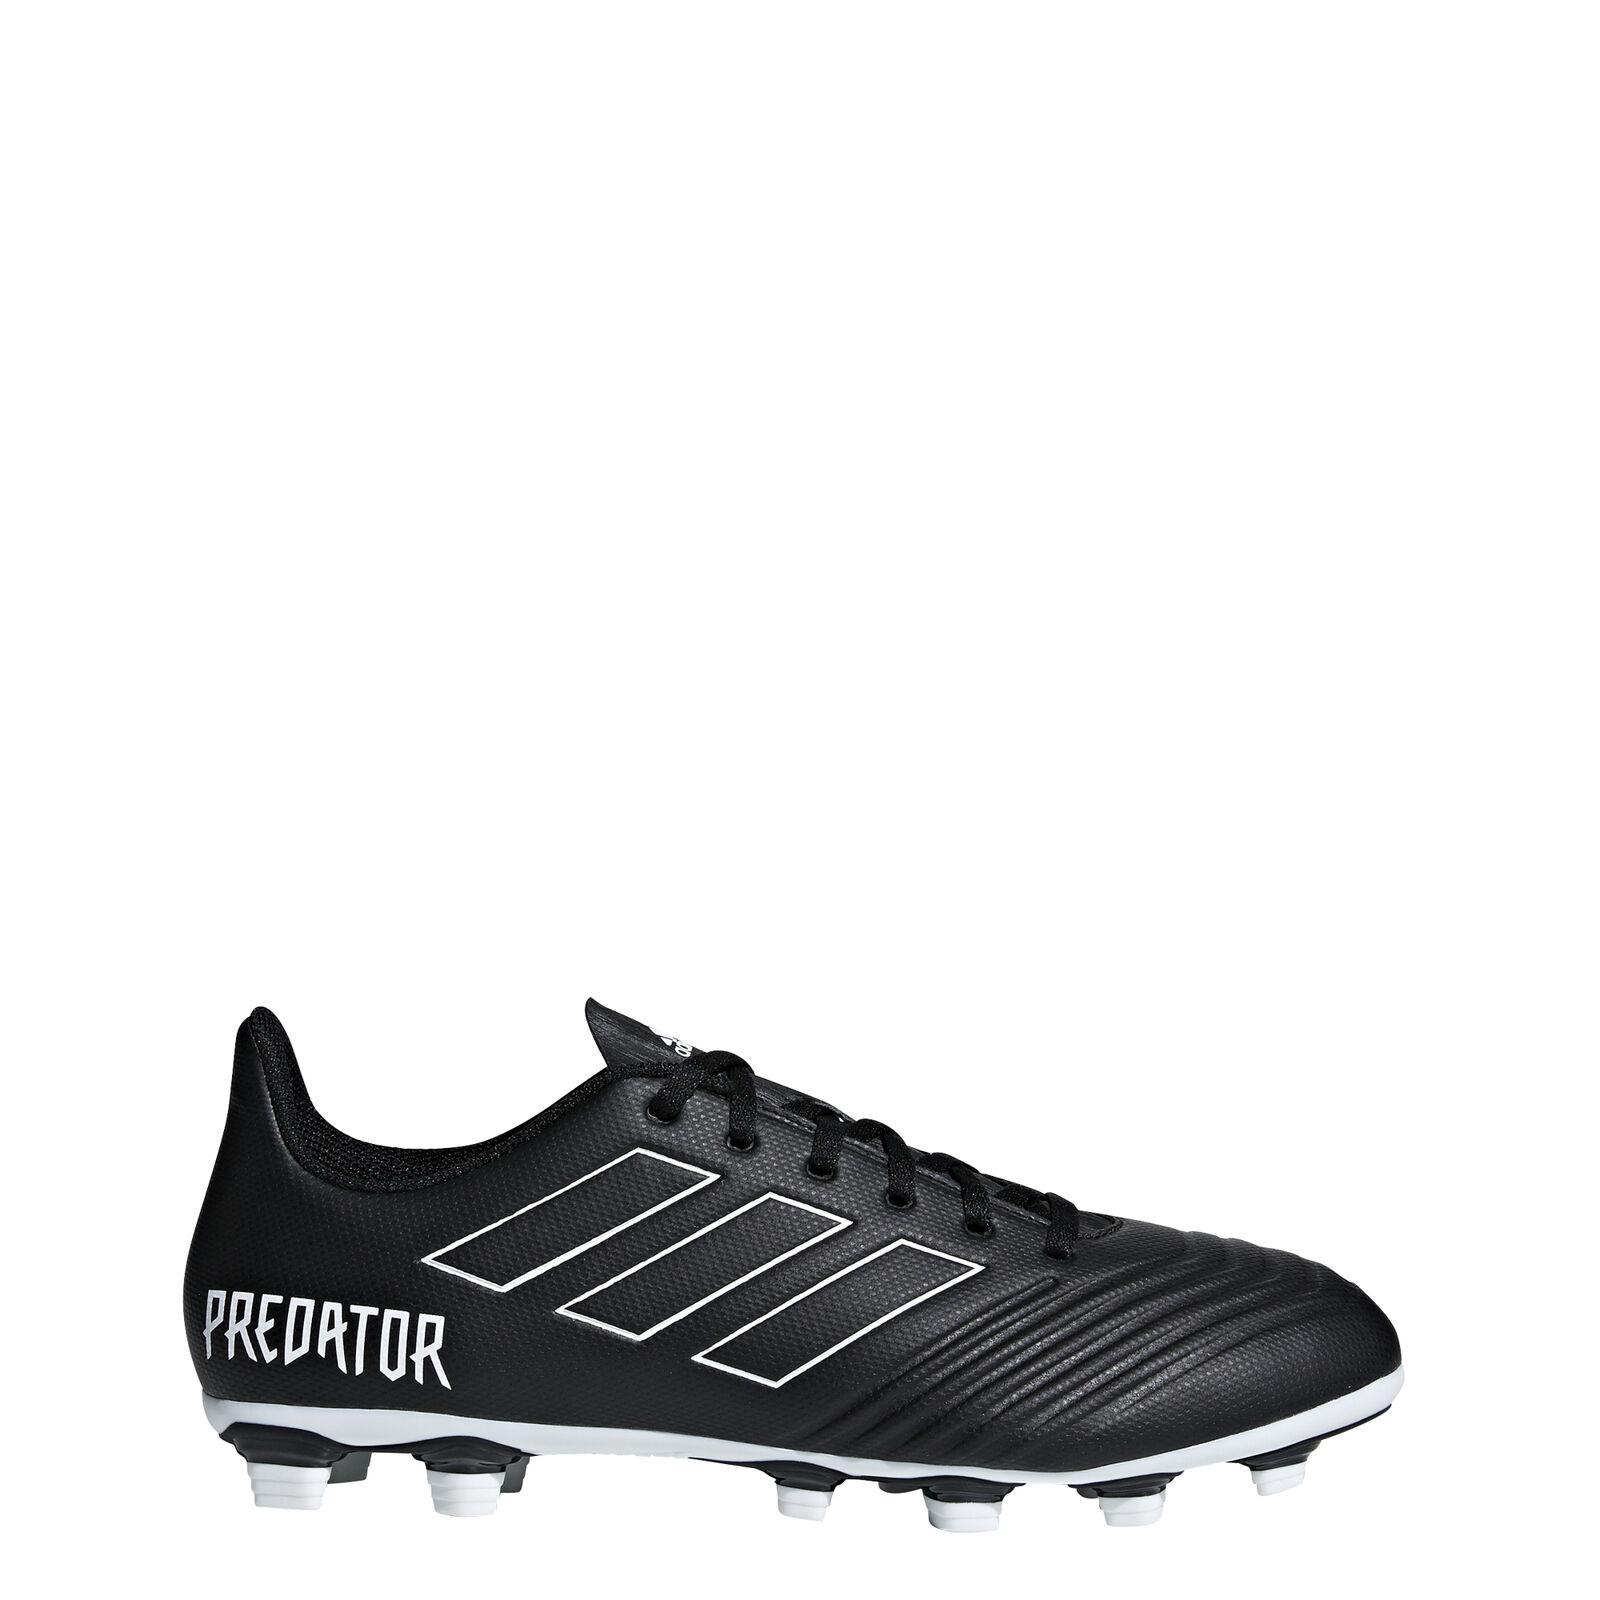 new product eda12 13591 Adidas Scarpe da Calcio Calcio Calcio Predator 18.4 Fxg Uomo con Tacchetti  ff0bfd